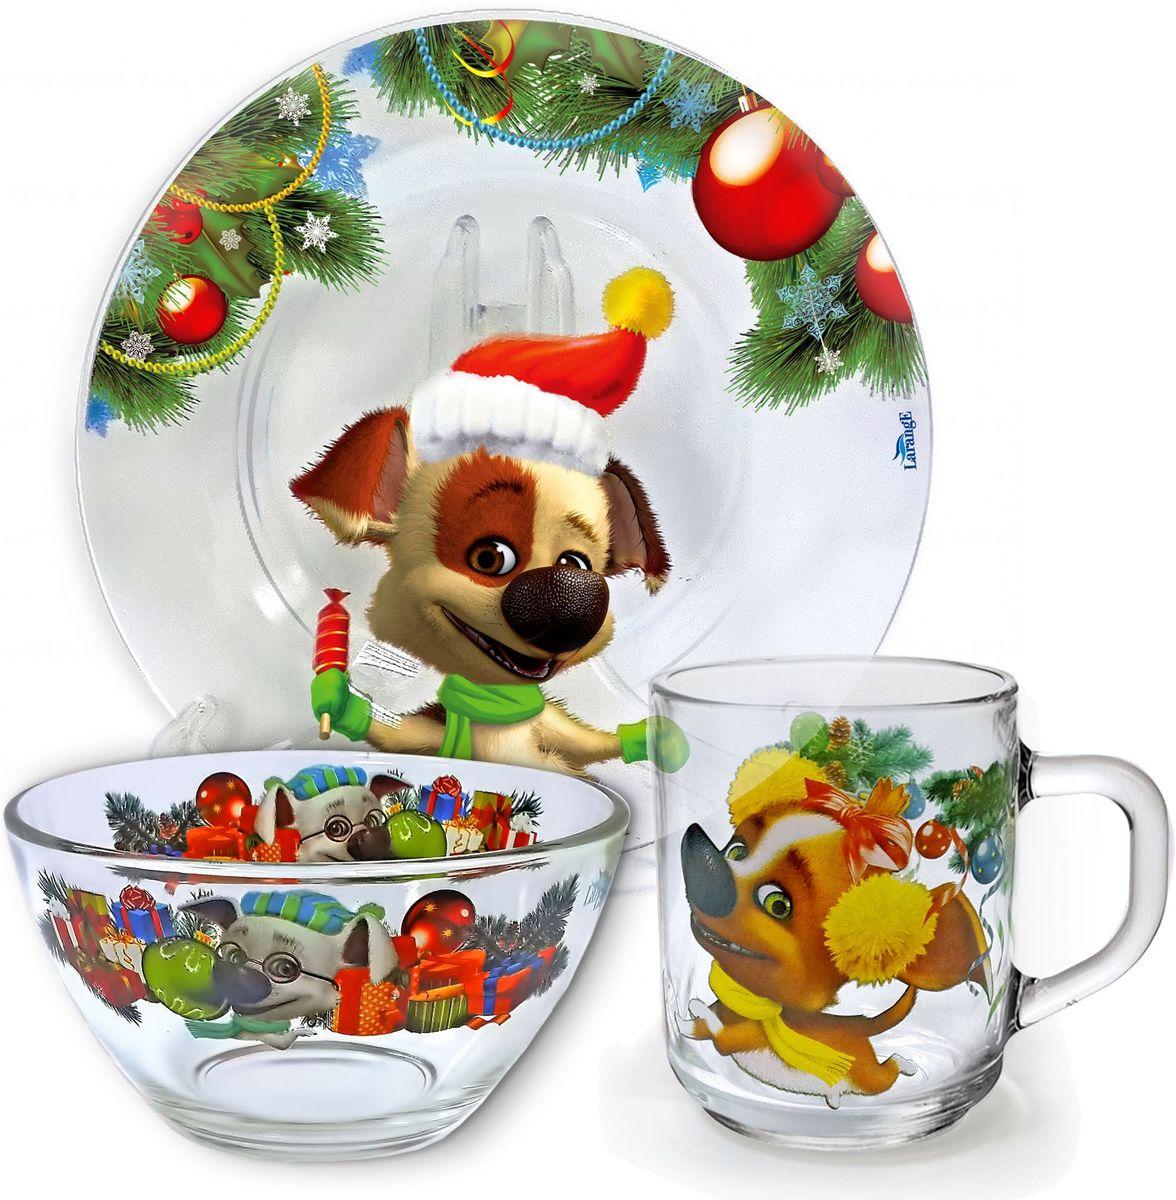 Набор посуды Белка и Стрелка Новый год озорной семейки, 3 предмета628-056От качества посуды зависит не только вкус еды, но и здоровье человека. Набор посуды Белка и Стрелка Новый год озорной семейки выполнен из высококачественного стекла и состоит из тарелки, кружки и салатника. Любой хозяйке будет приятно держать его в руках. Состав набора: тарелка 19 см, кружка 210 мл, салатник 13 см, 250 мл.